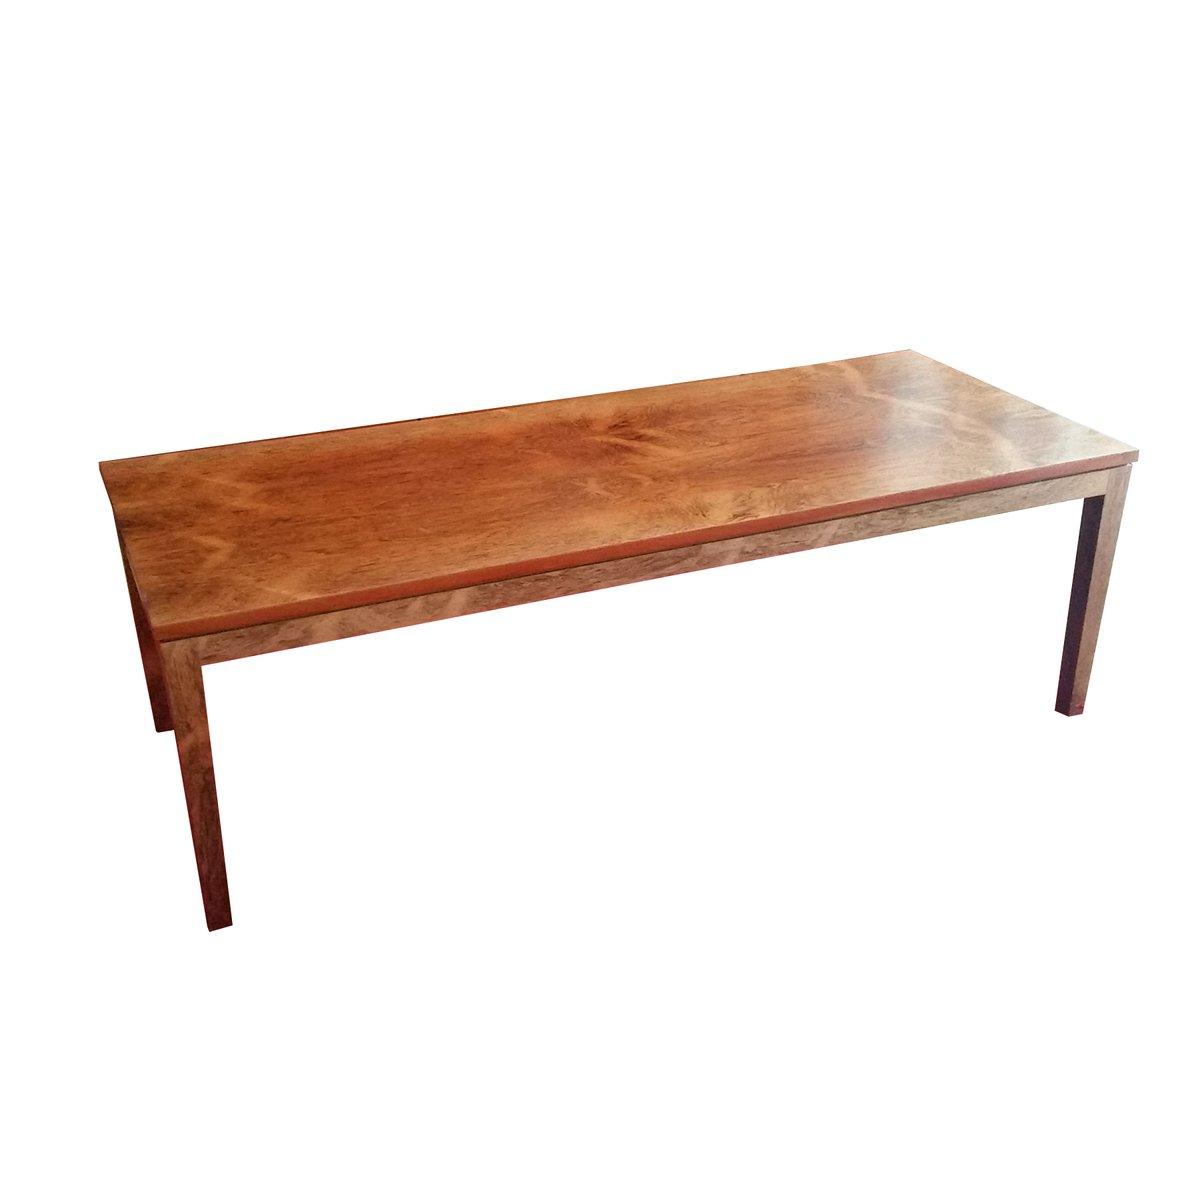 grande table basse vintage en palissandre en vente sur pamono. Black Bedroom Furniture Sets. Home Design Ideas